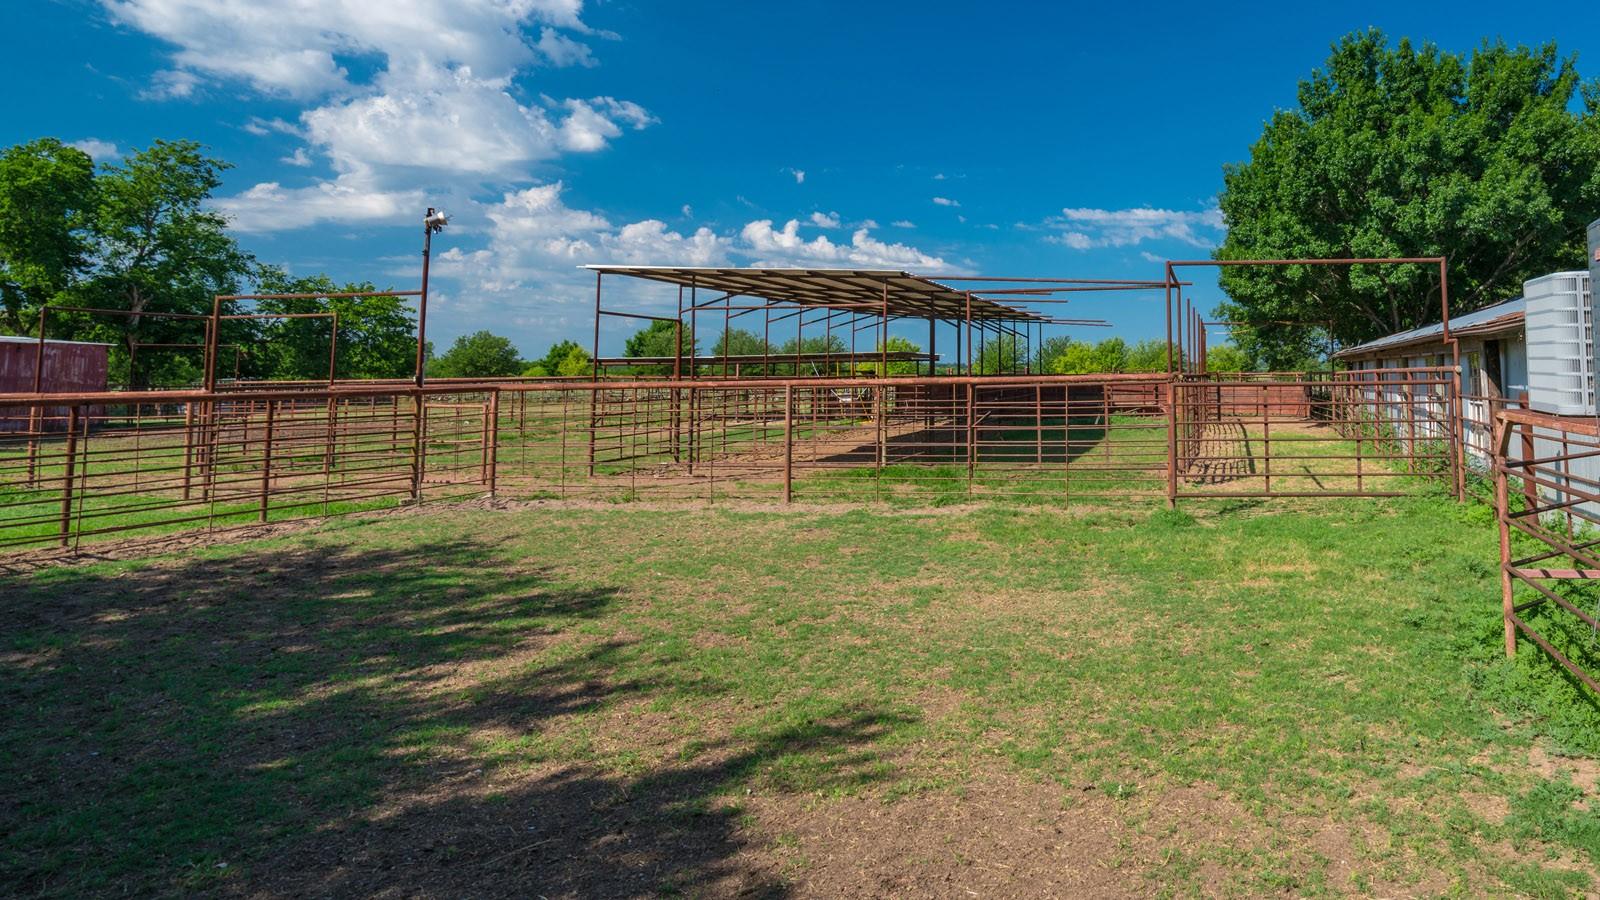 grassy livestock corral area